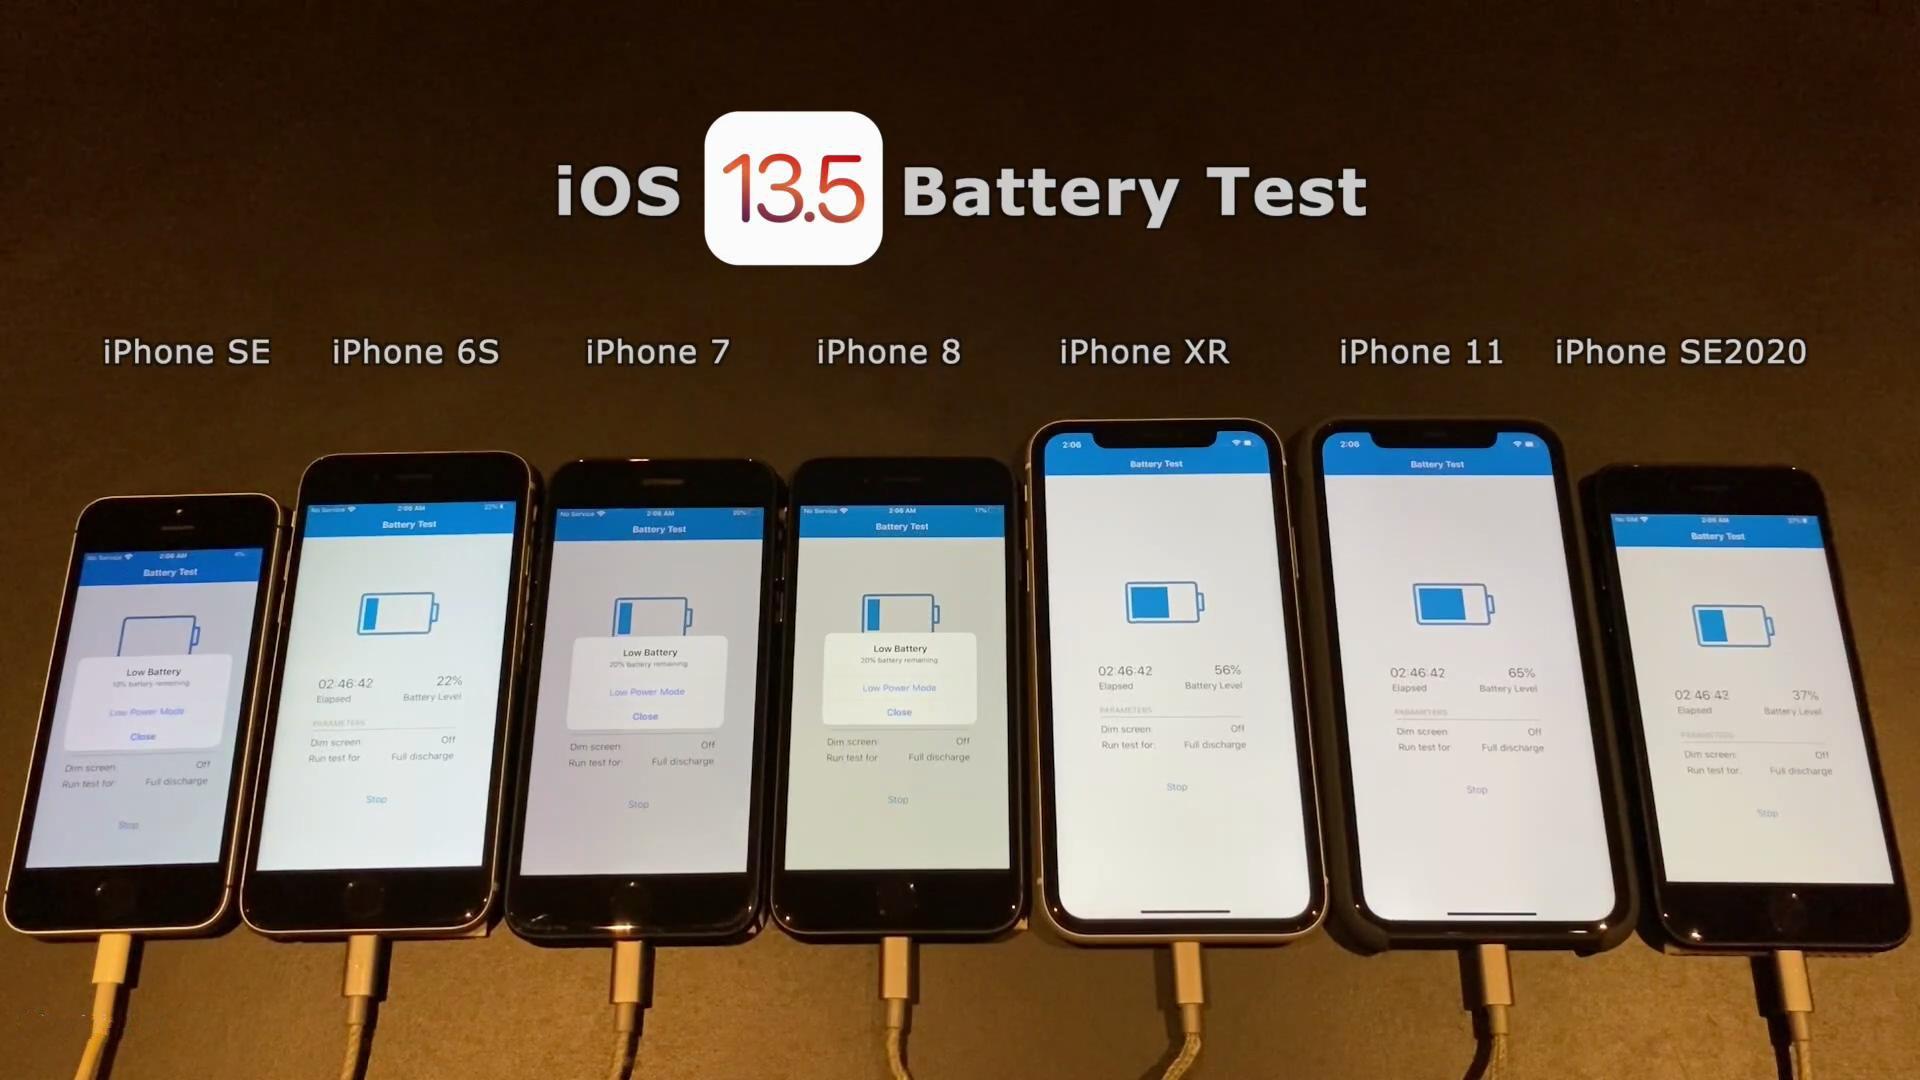 7款iPhone实测iOS13.5电池续航:哪款机型续航改善最明显?